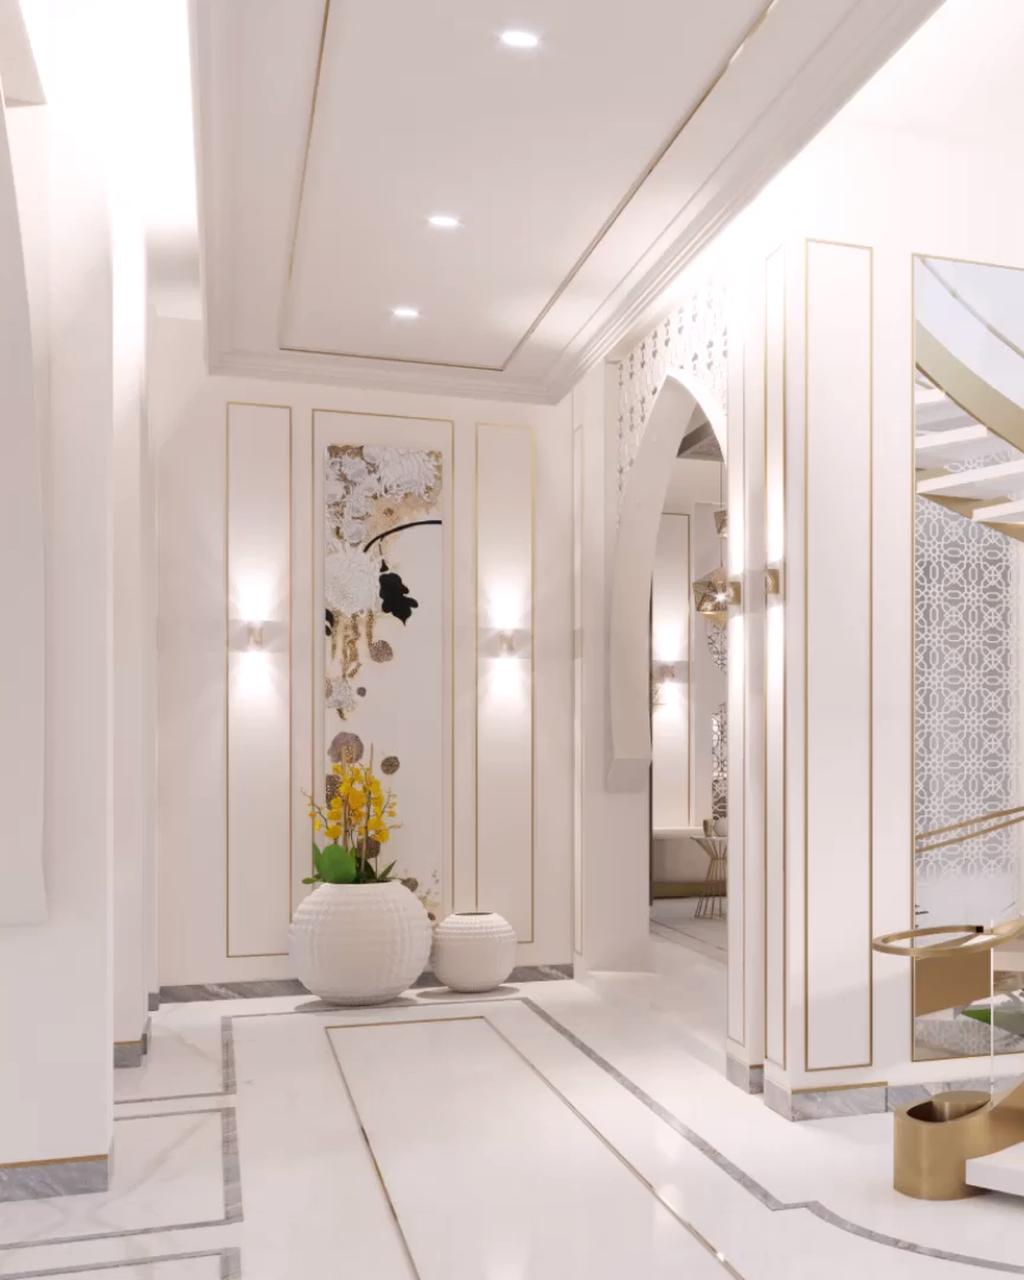 35 Admirable Modern Interior Design Ideas You Never Seen Before Modern Interior Design Luxury House Interior Design Luxury Living Room Design